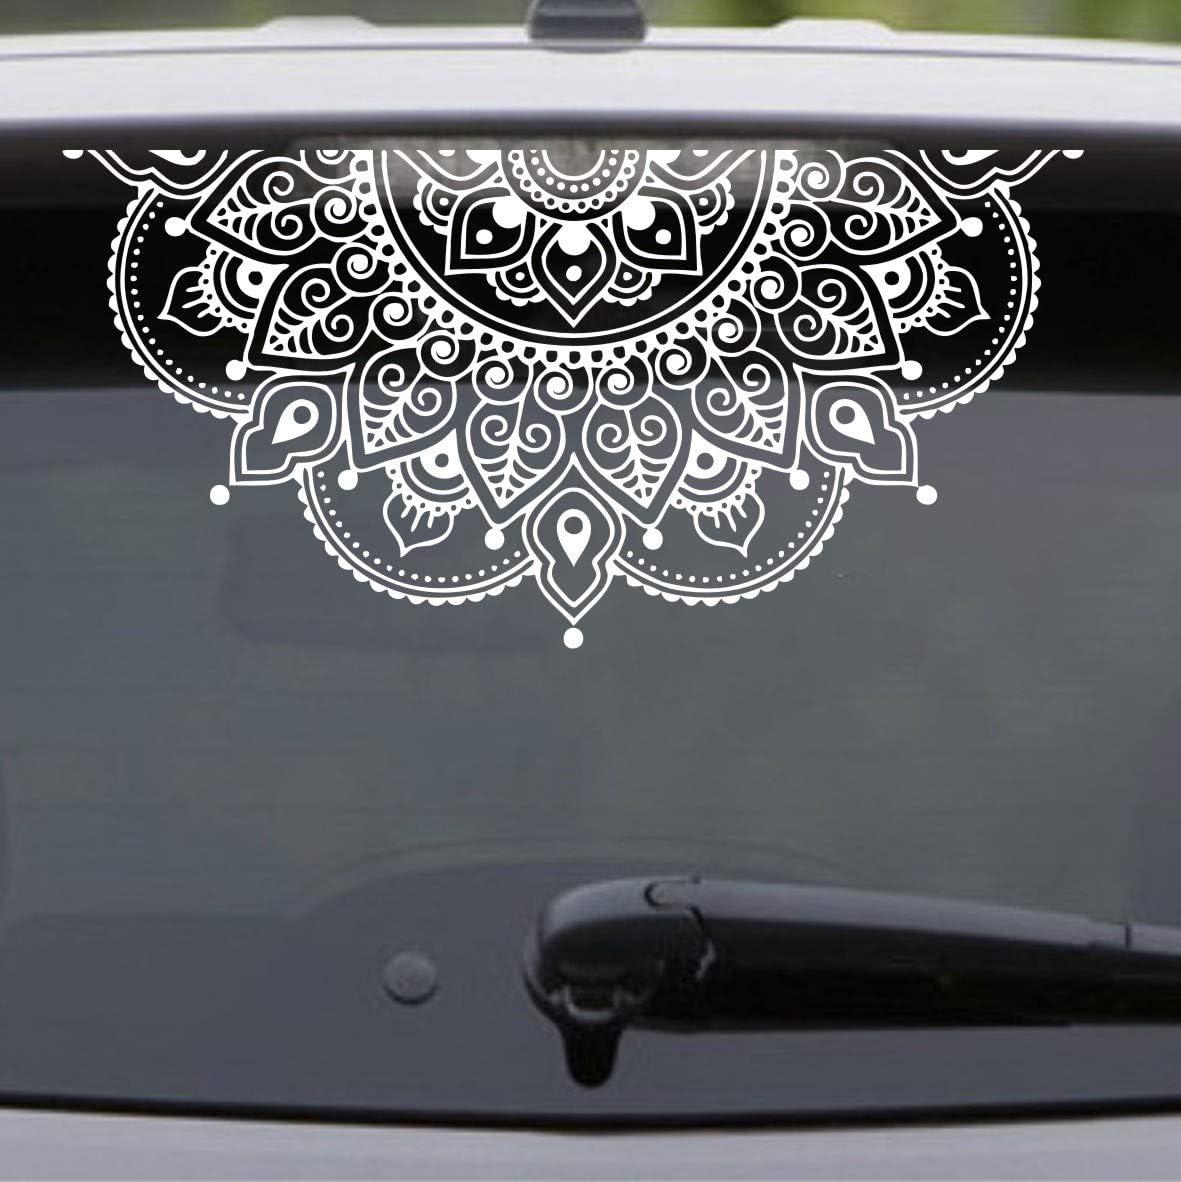 Vinyl Wall Decal Half Mandala Wall Sticker Car Trunk Glass Decor Sticker Yoga Car Window Stickers AY1441 (White 57x29cm)